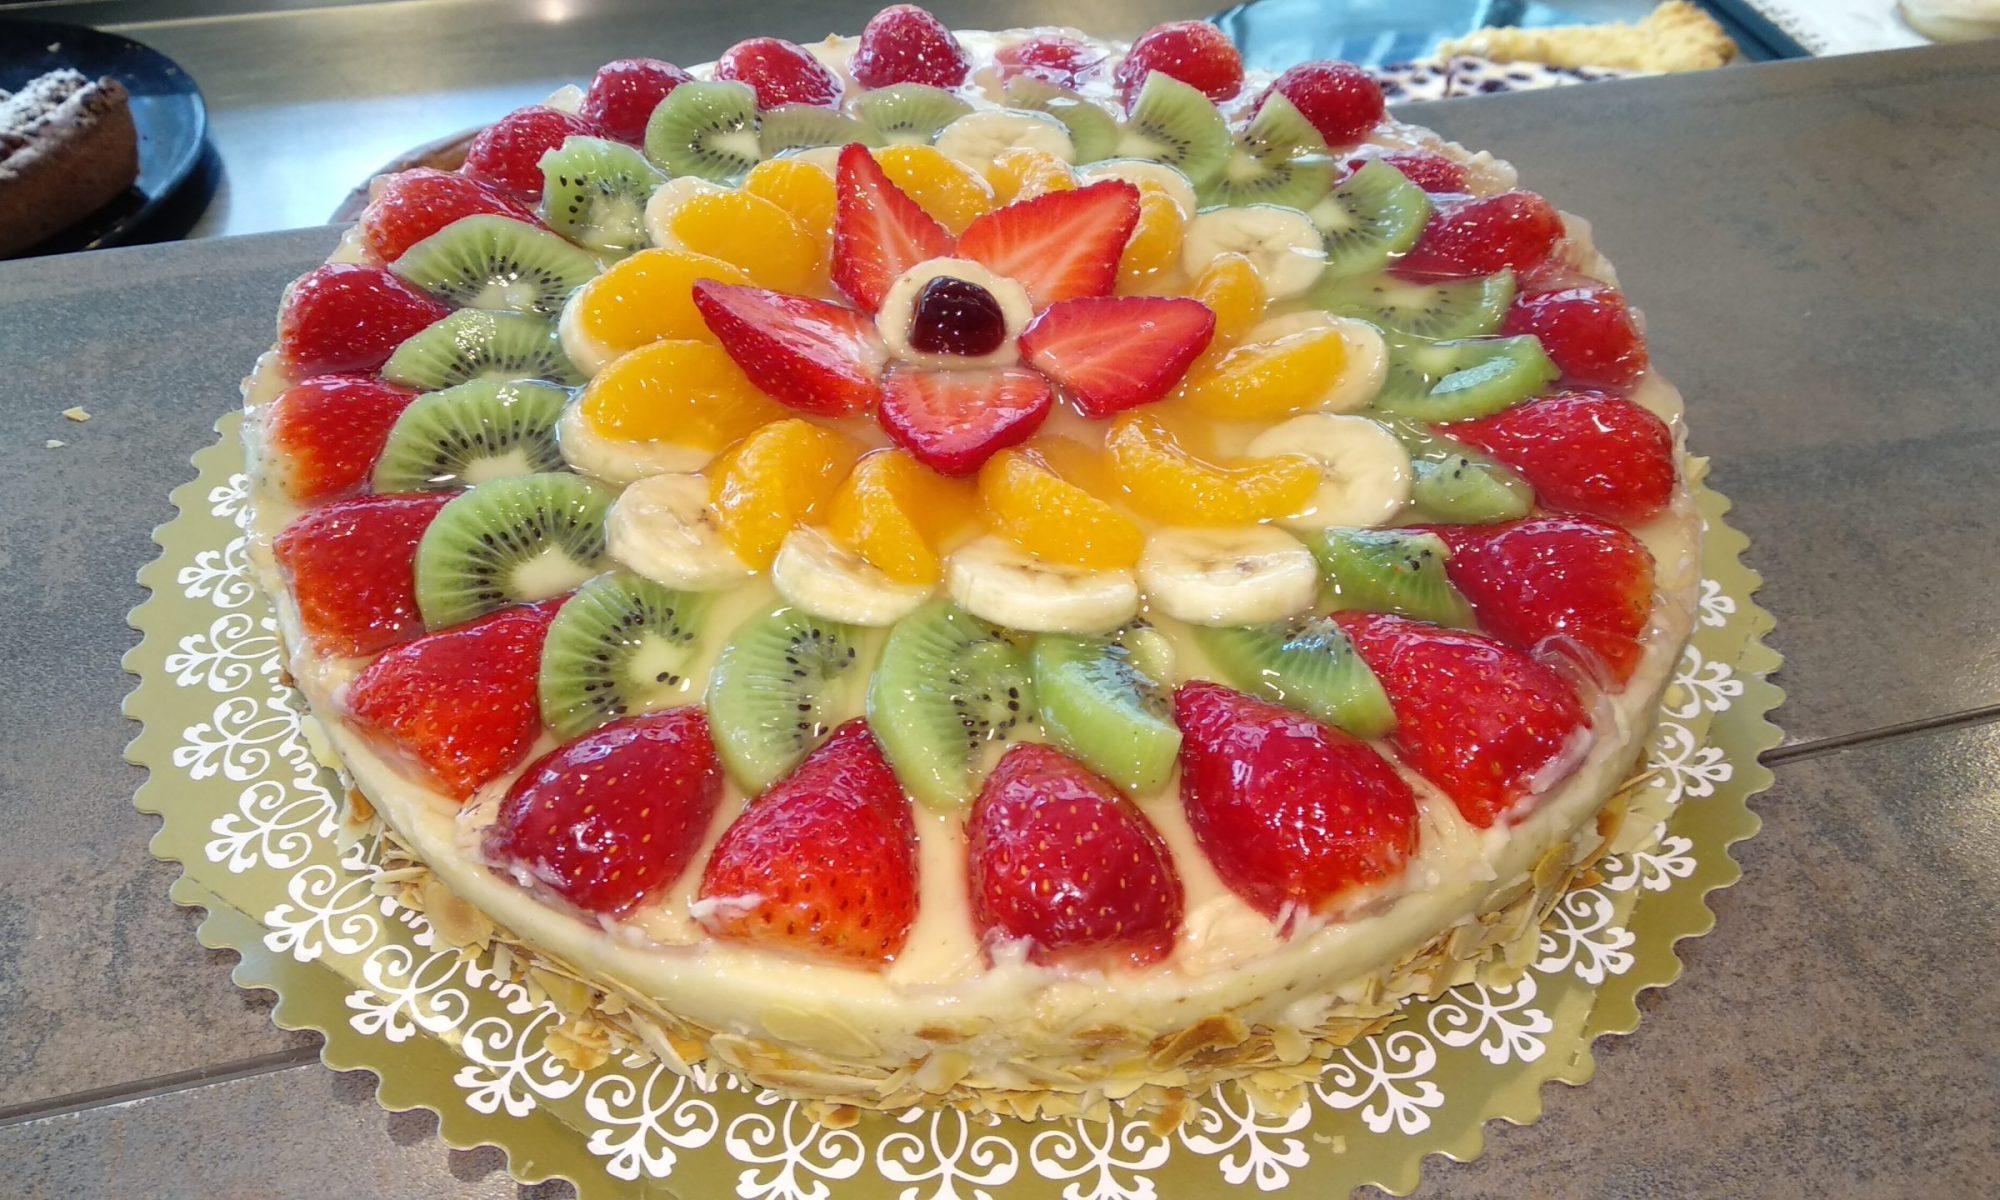 Eine wunderschöne Vierfrucht-Obsttorte